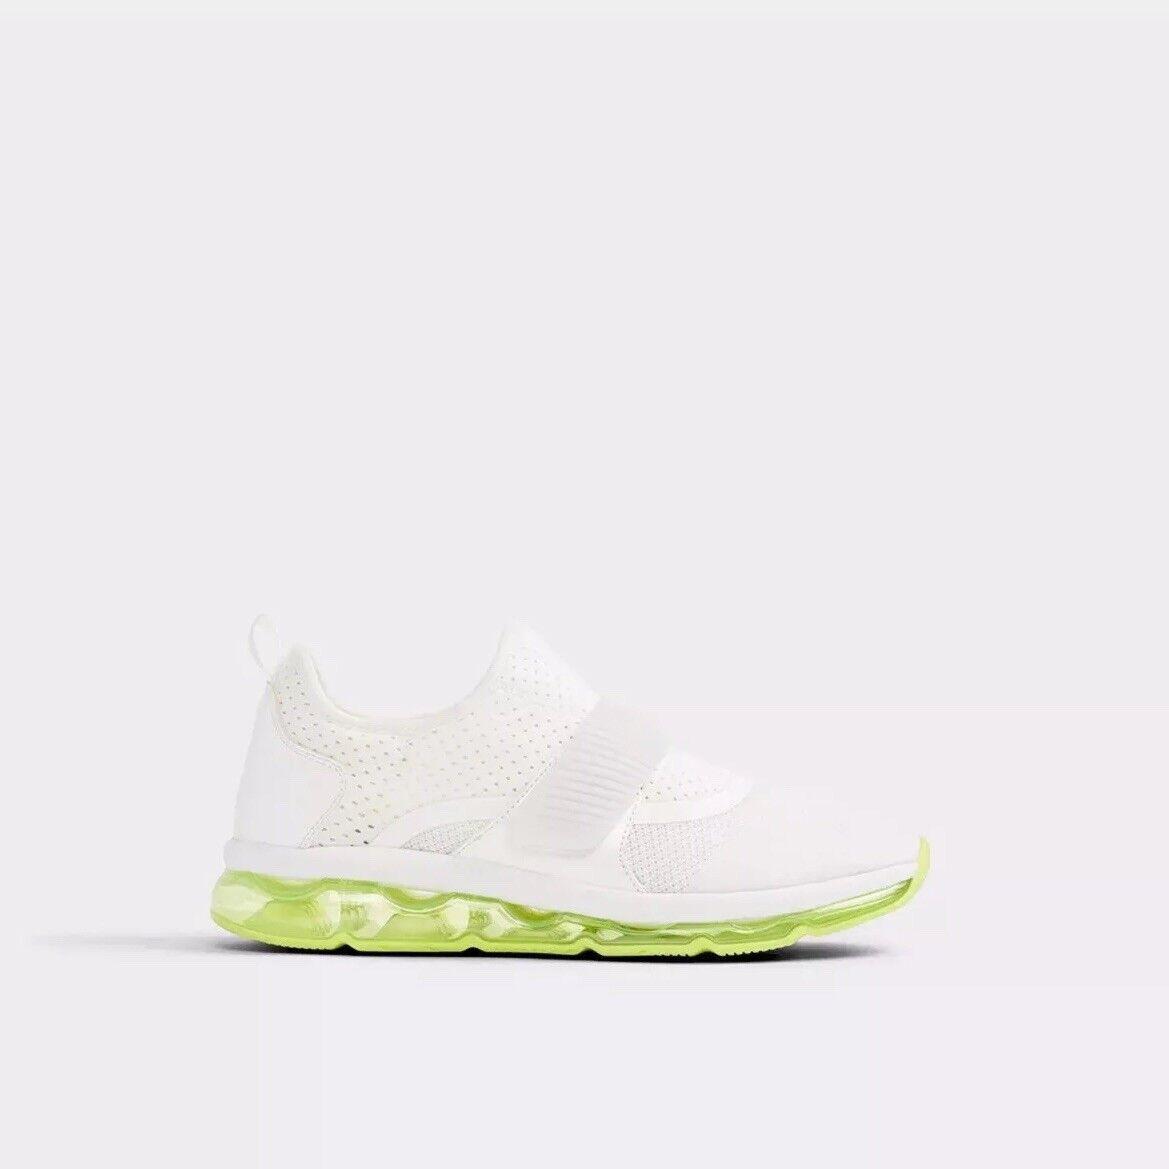 Nuevo Mujeres Aldo erilisen - 70 Zapatillas Zapatos de Estilo de vida blancoo